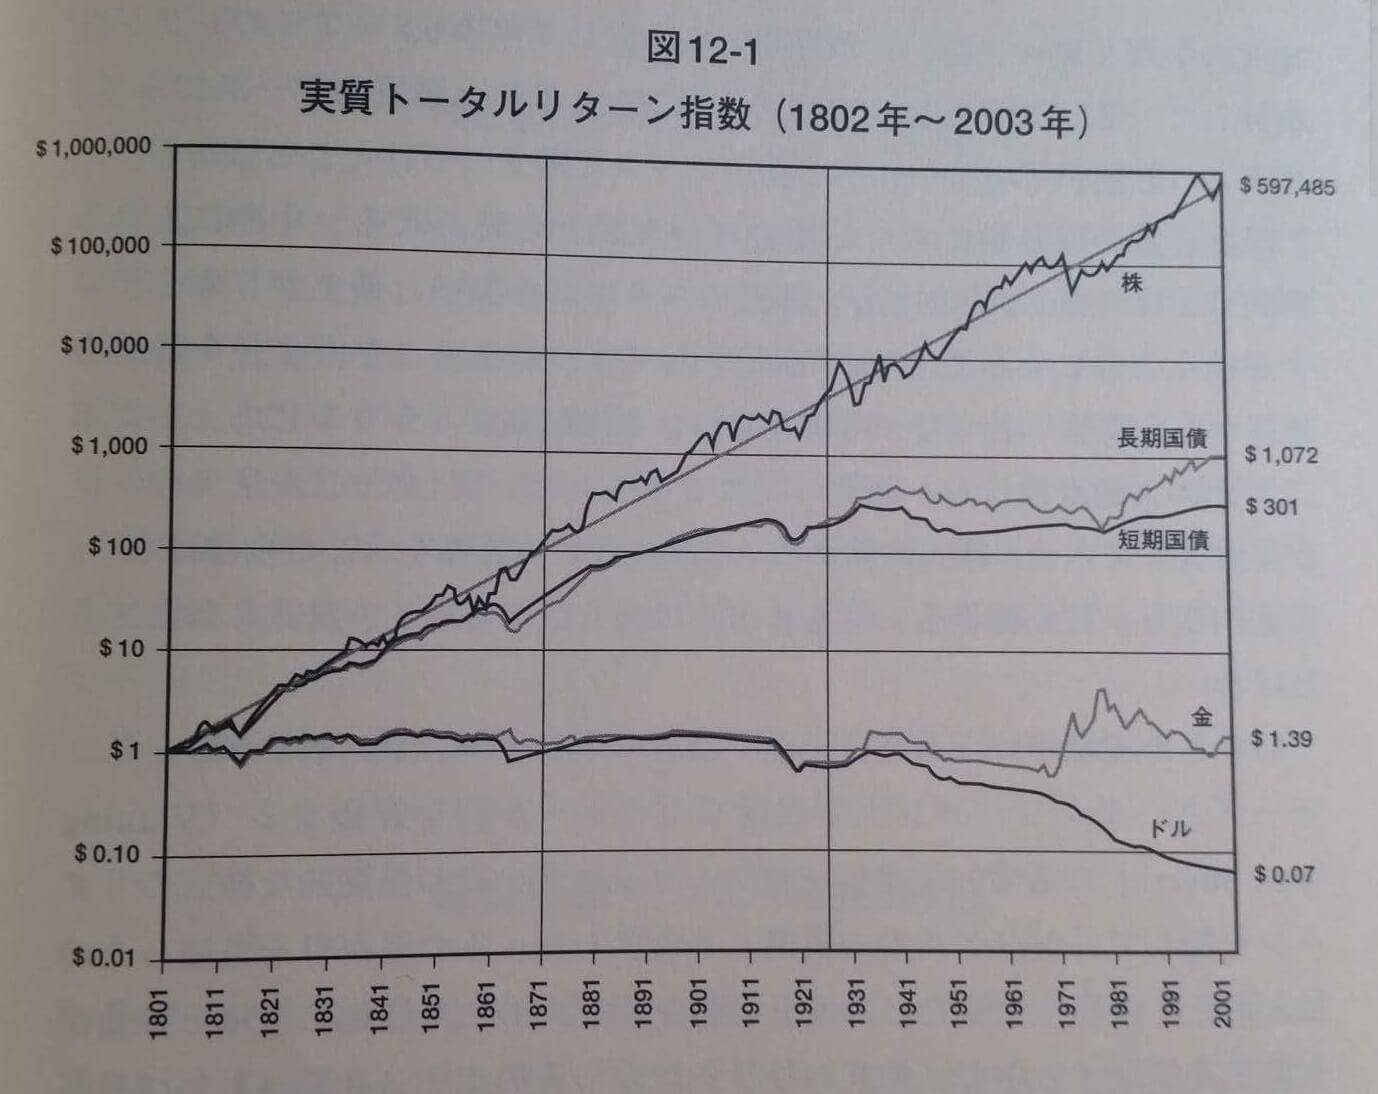 各資産の200年間のトレンド